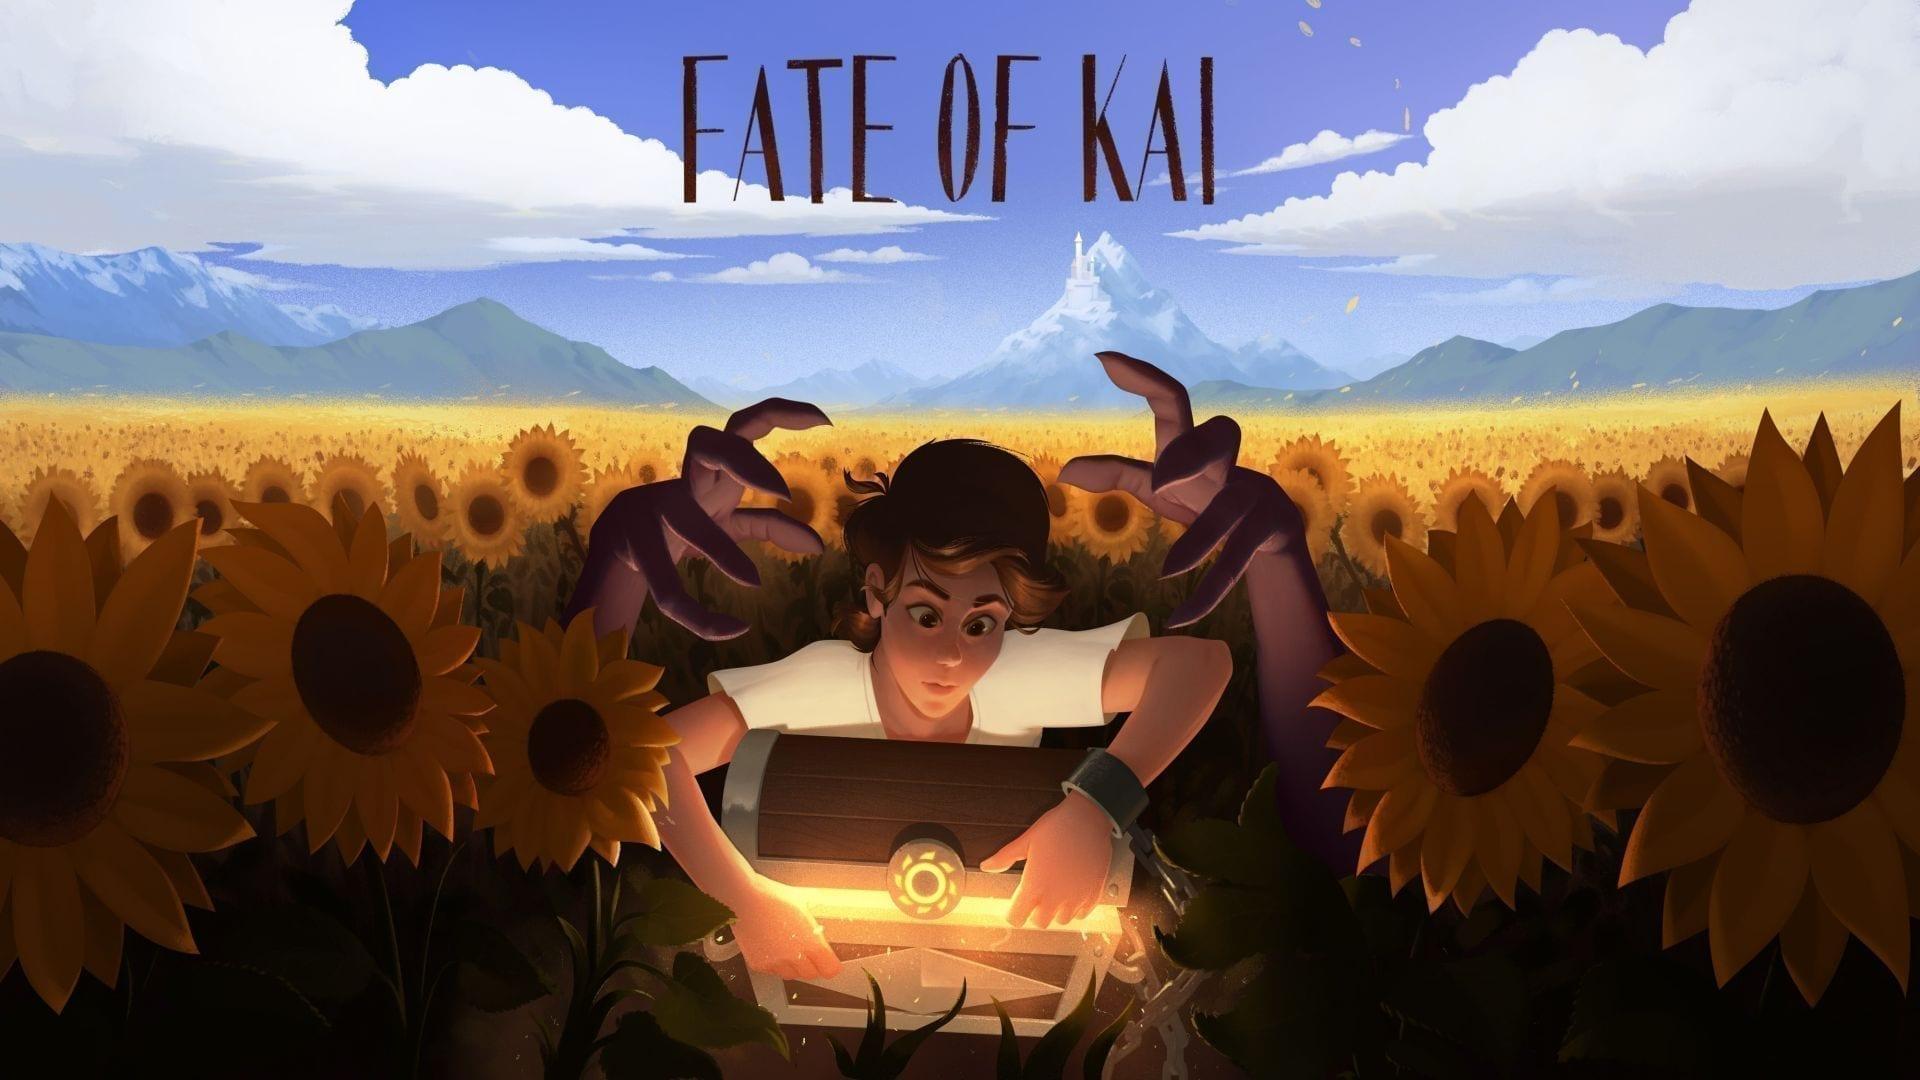 Indie Neuerscheinungen - Fate of Kai Keyart Indie Perlen 3